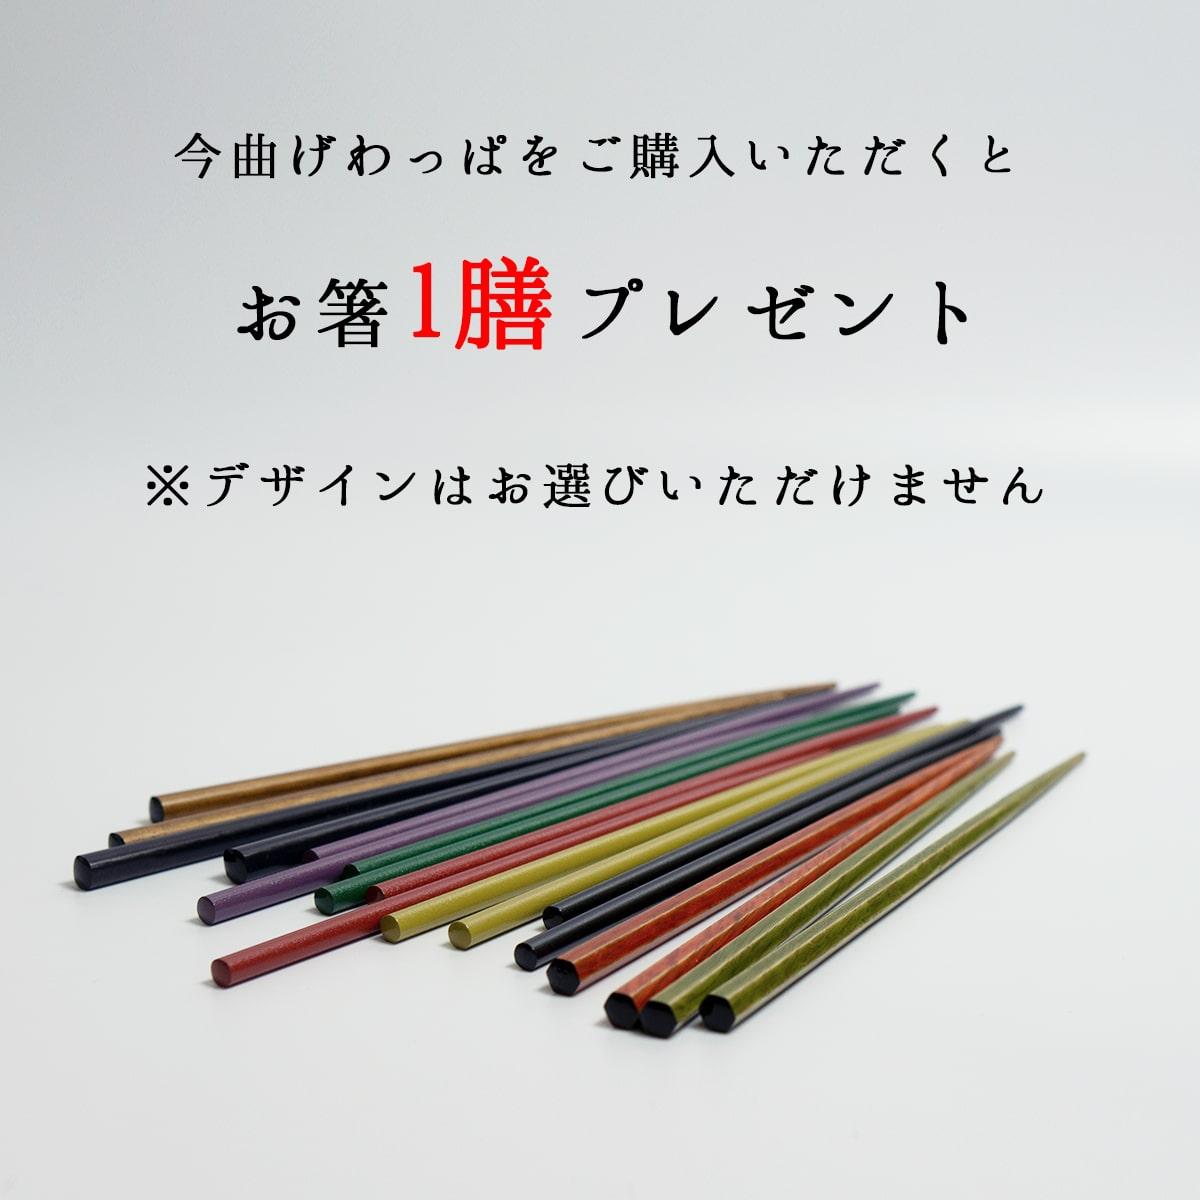 うるしギャラリー久右衛門(urushi gallery kyuuemon) お試し曲げわっぱ 弁当箱 一段 700mlの商品画像12